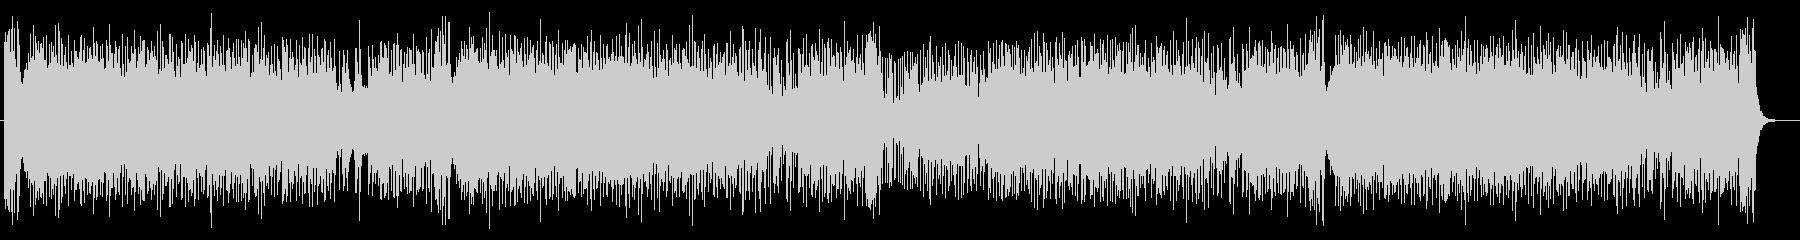 宇宙感のあるドラムシンセサイザーサウンドの未再生の波形